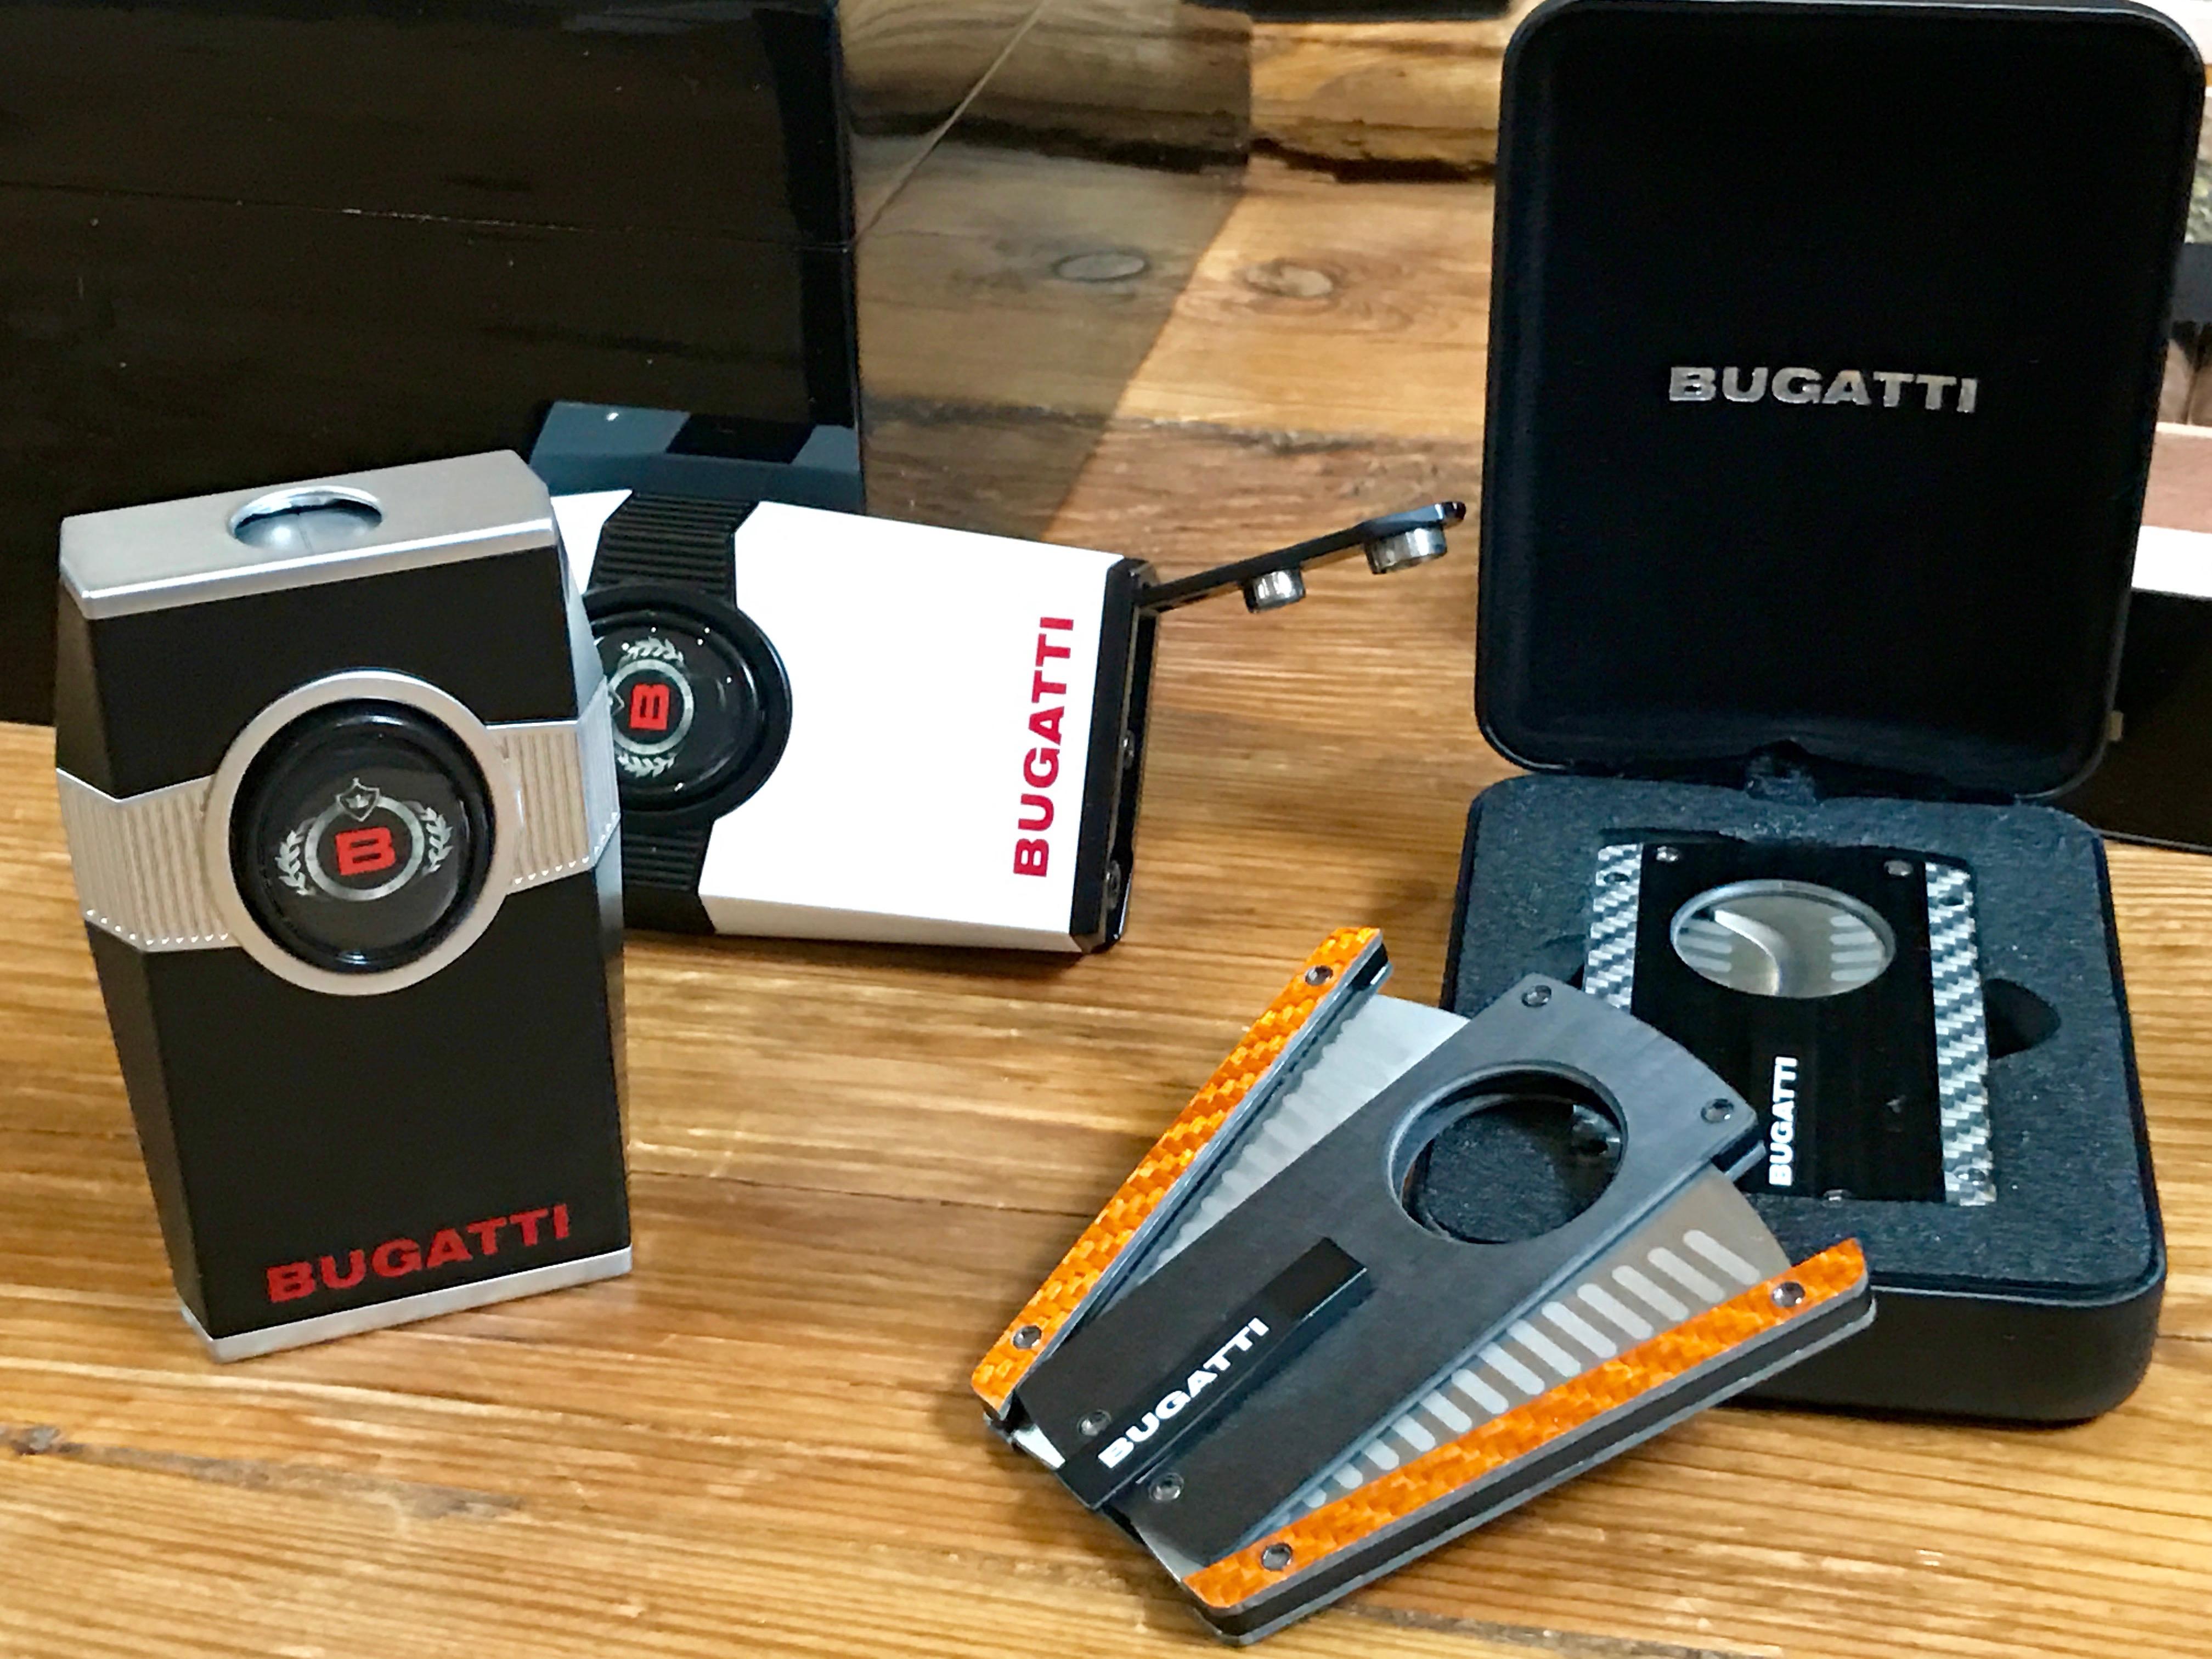 Bugatti Zigarren Feuerzeug Cutter